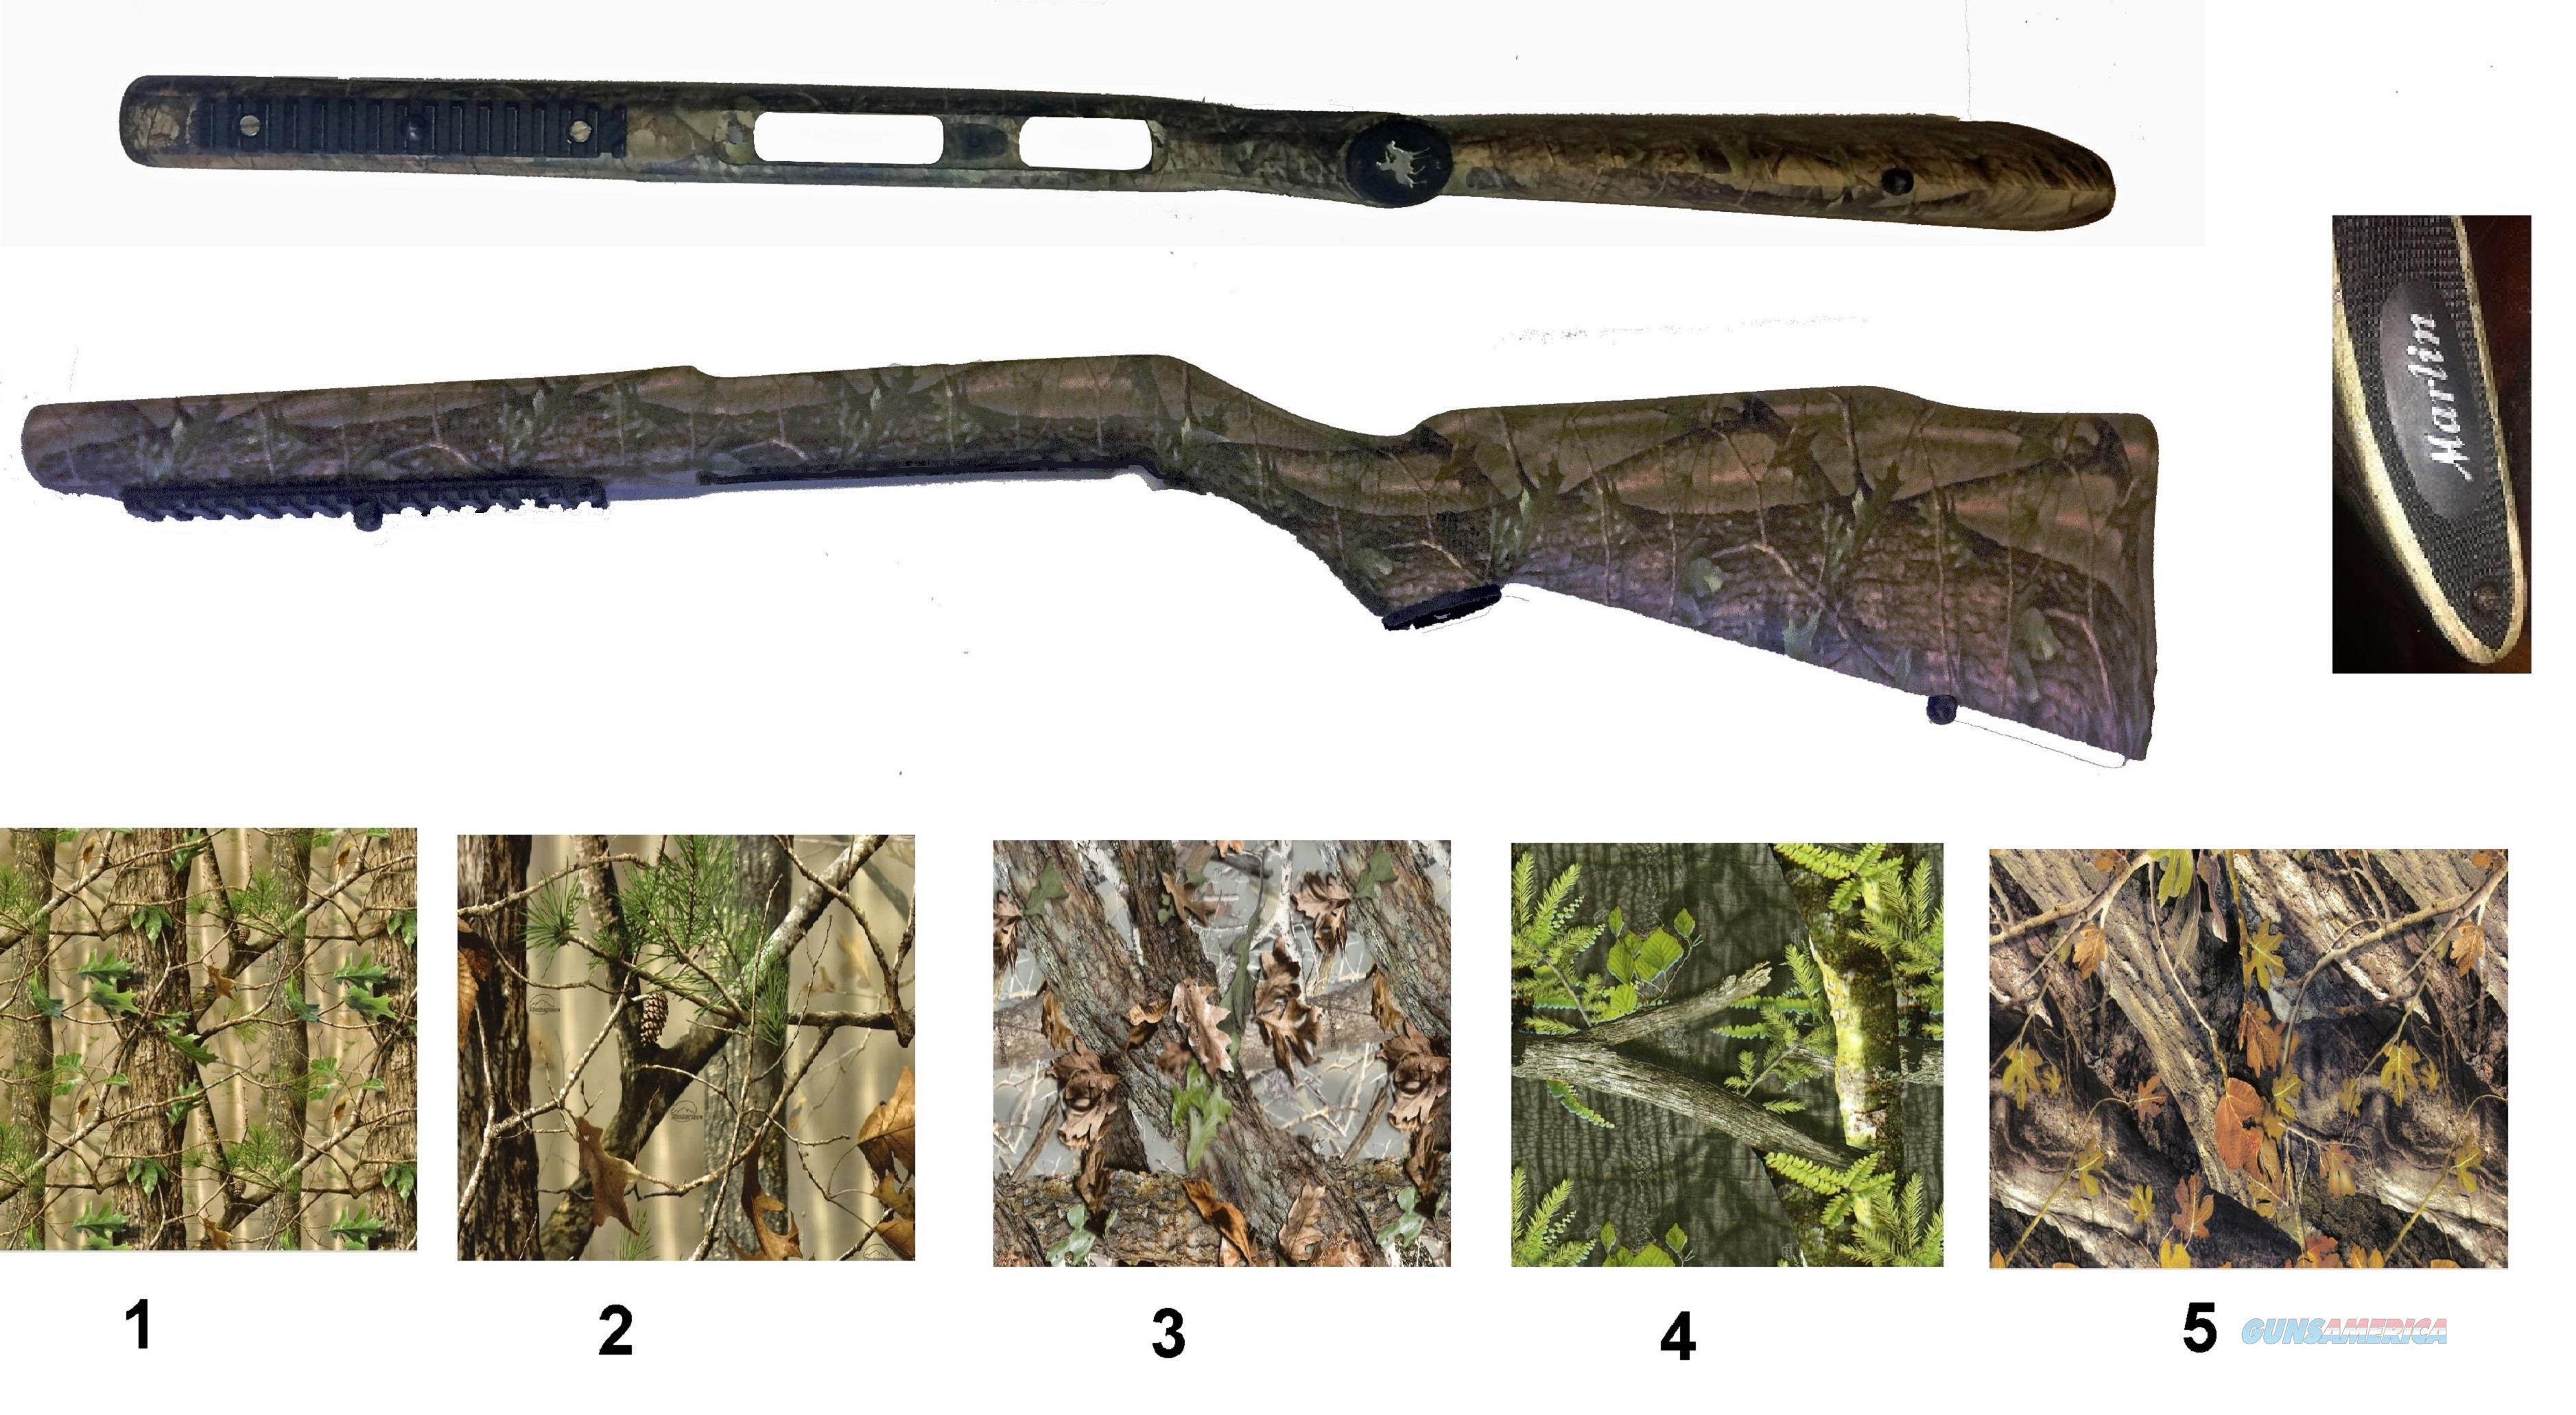 Custom Hydro Dipped Marlin 795 Stocks  Non-Guns > Gunstocks, Grips & Wood